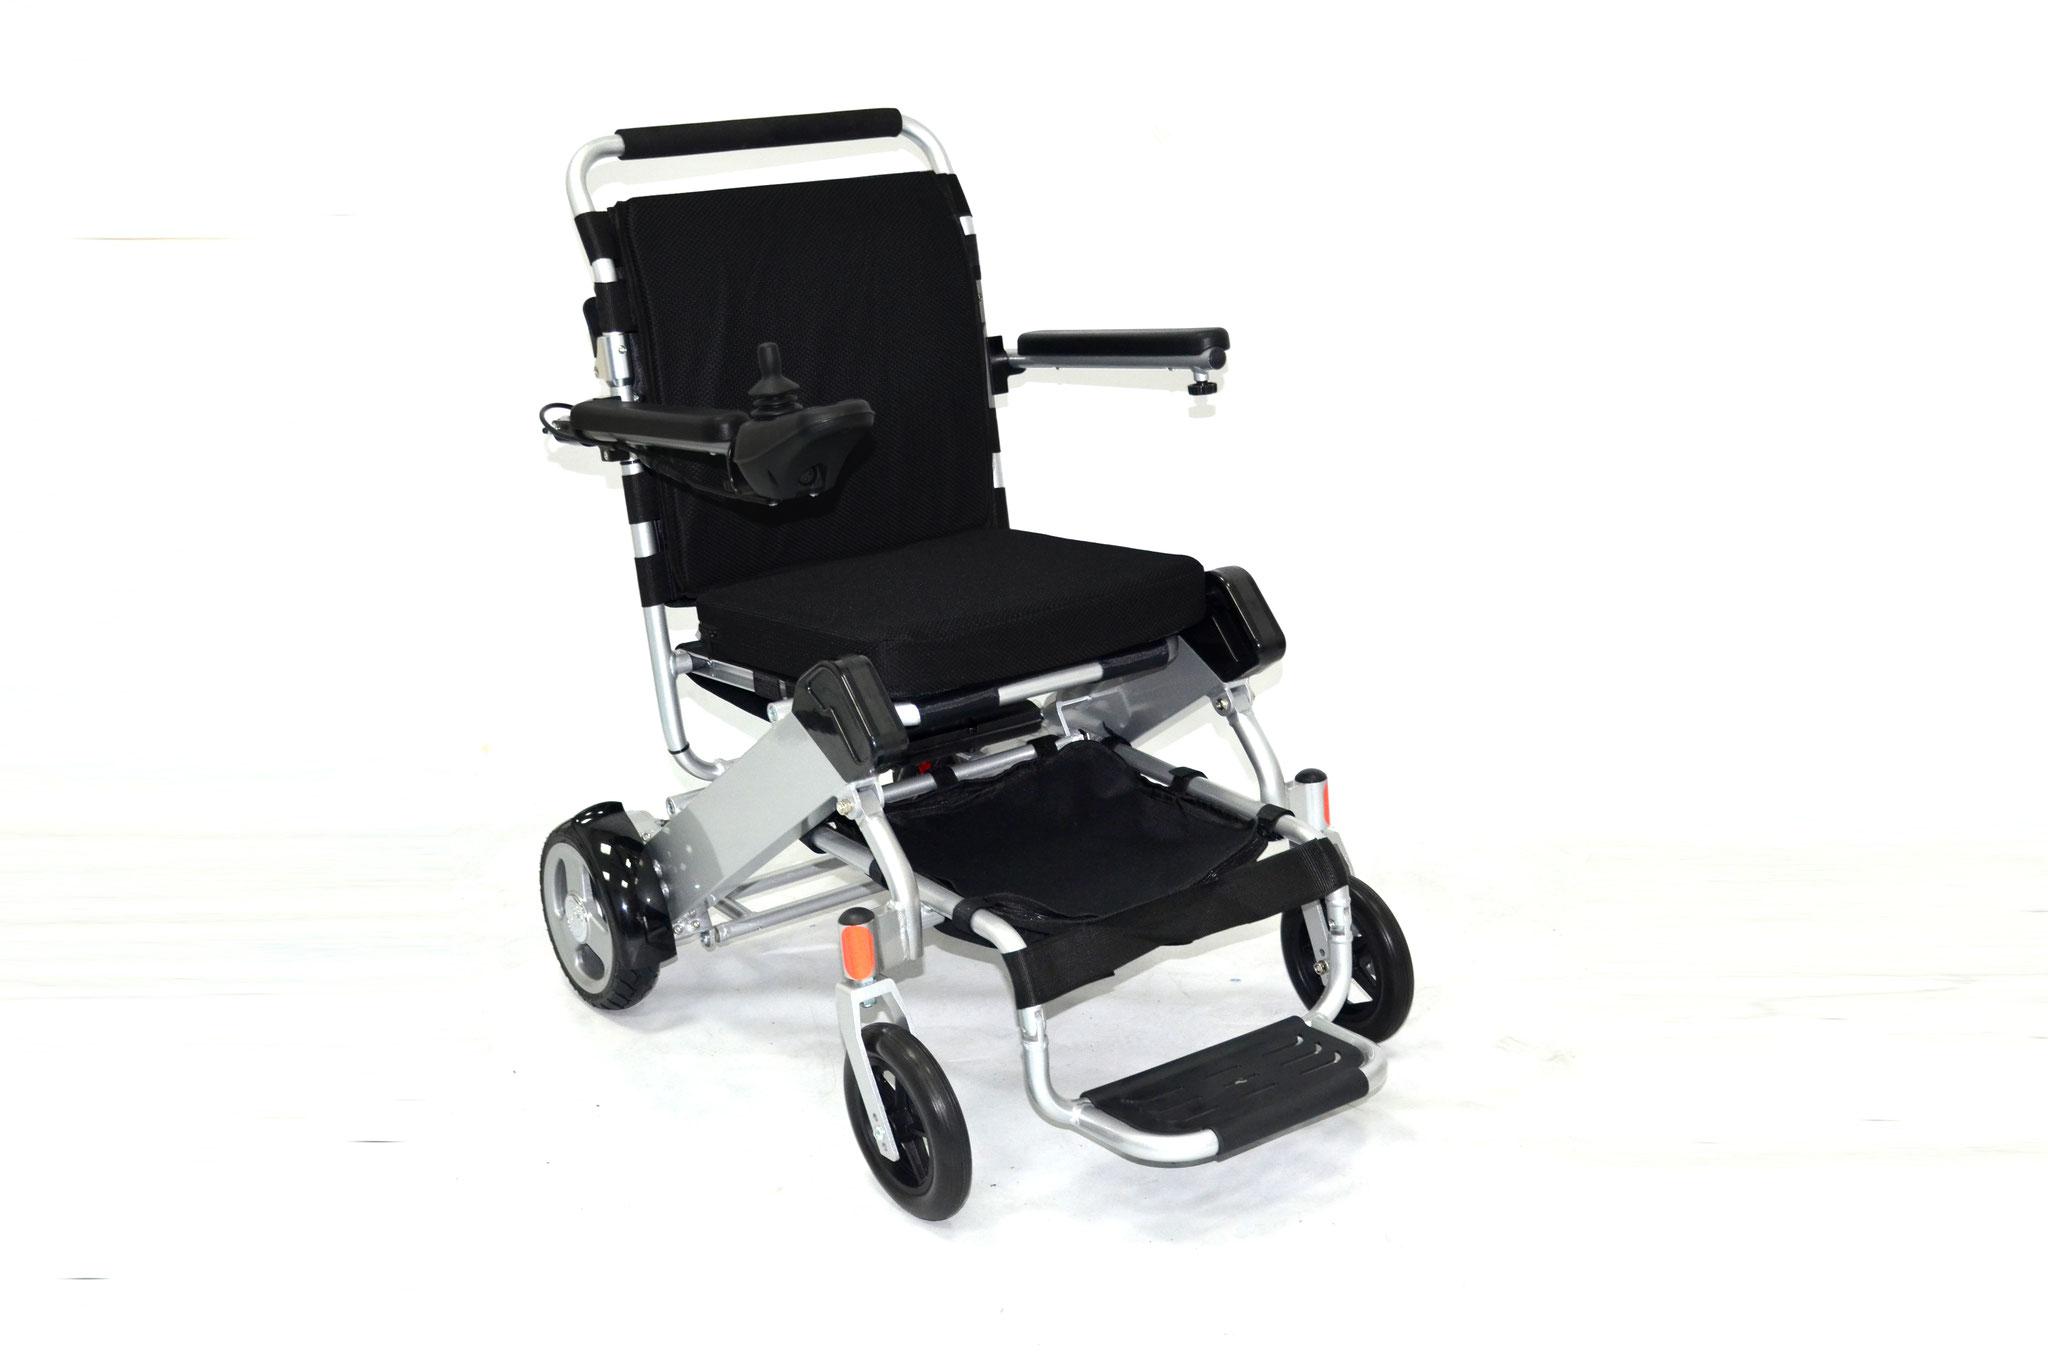 Der E-Rollstuhl ERGOFLIX® M von JBH ist mit 21 kg (23 kg mit Batterie) ein wahres Leichtgewicht. Für das geringe Gewicht sorgt die Aluminiumlegierung, aus der die Rahmen gefertigt sind.